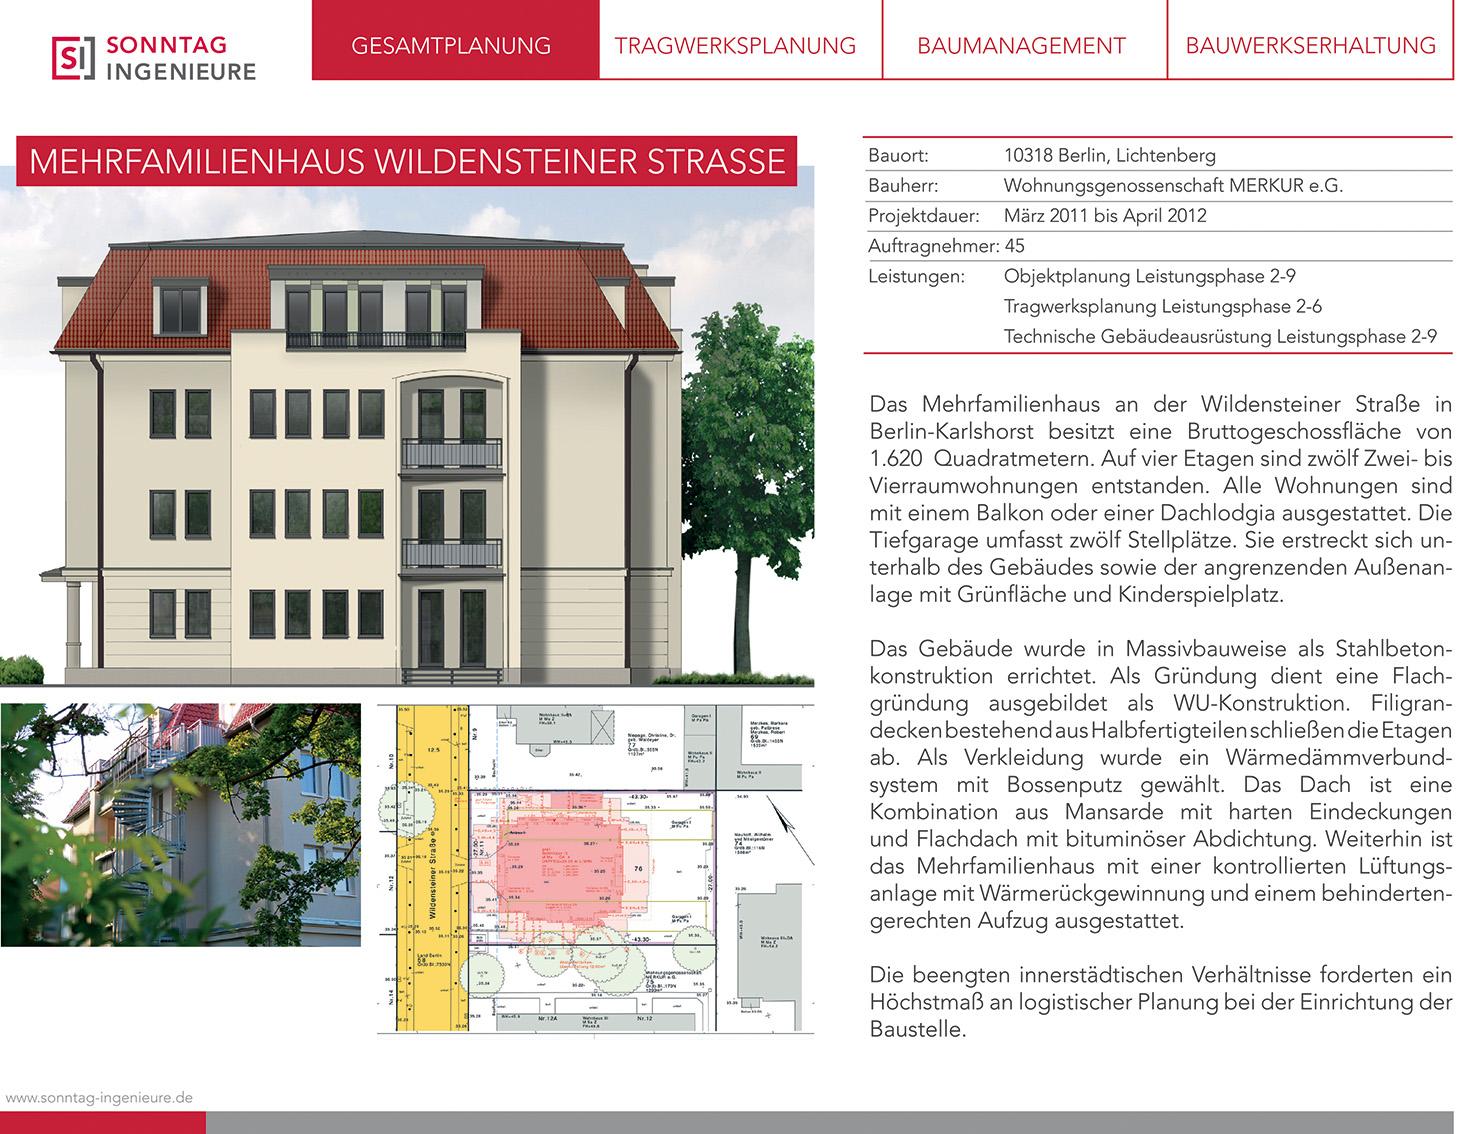 Infodatenblatt zum Bauprojekt Wildensteiner Straße